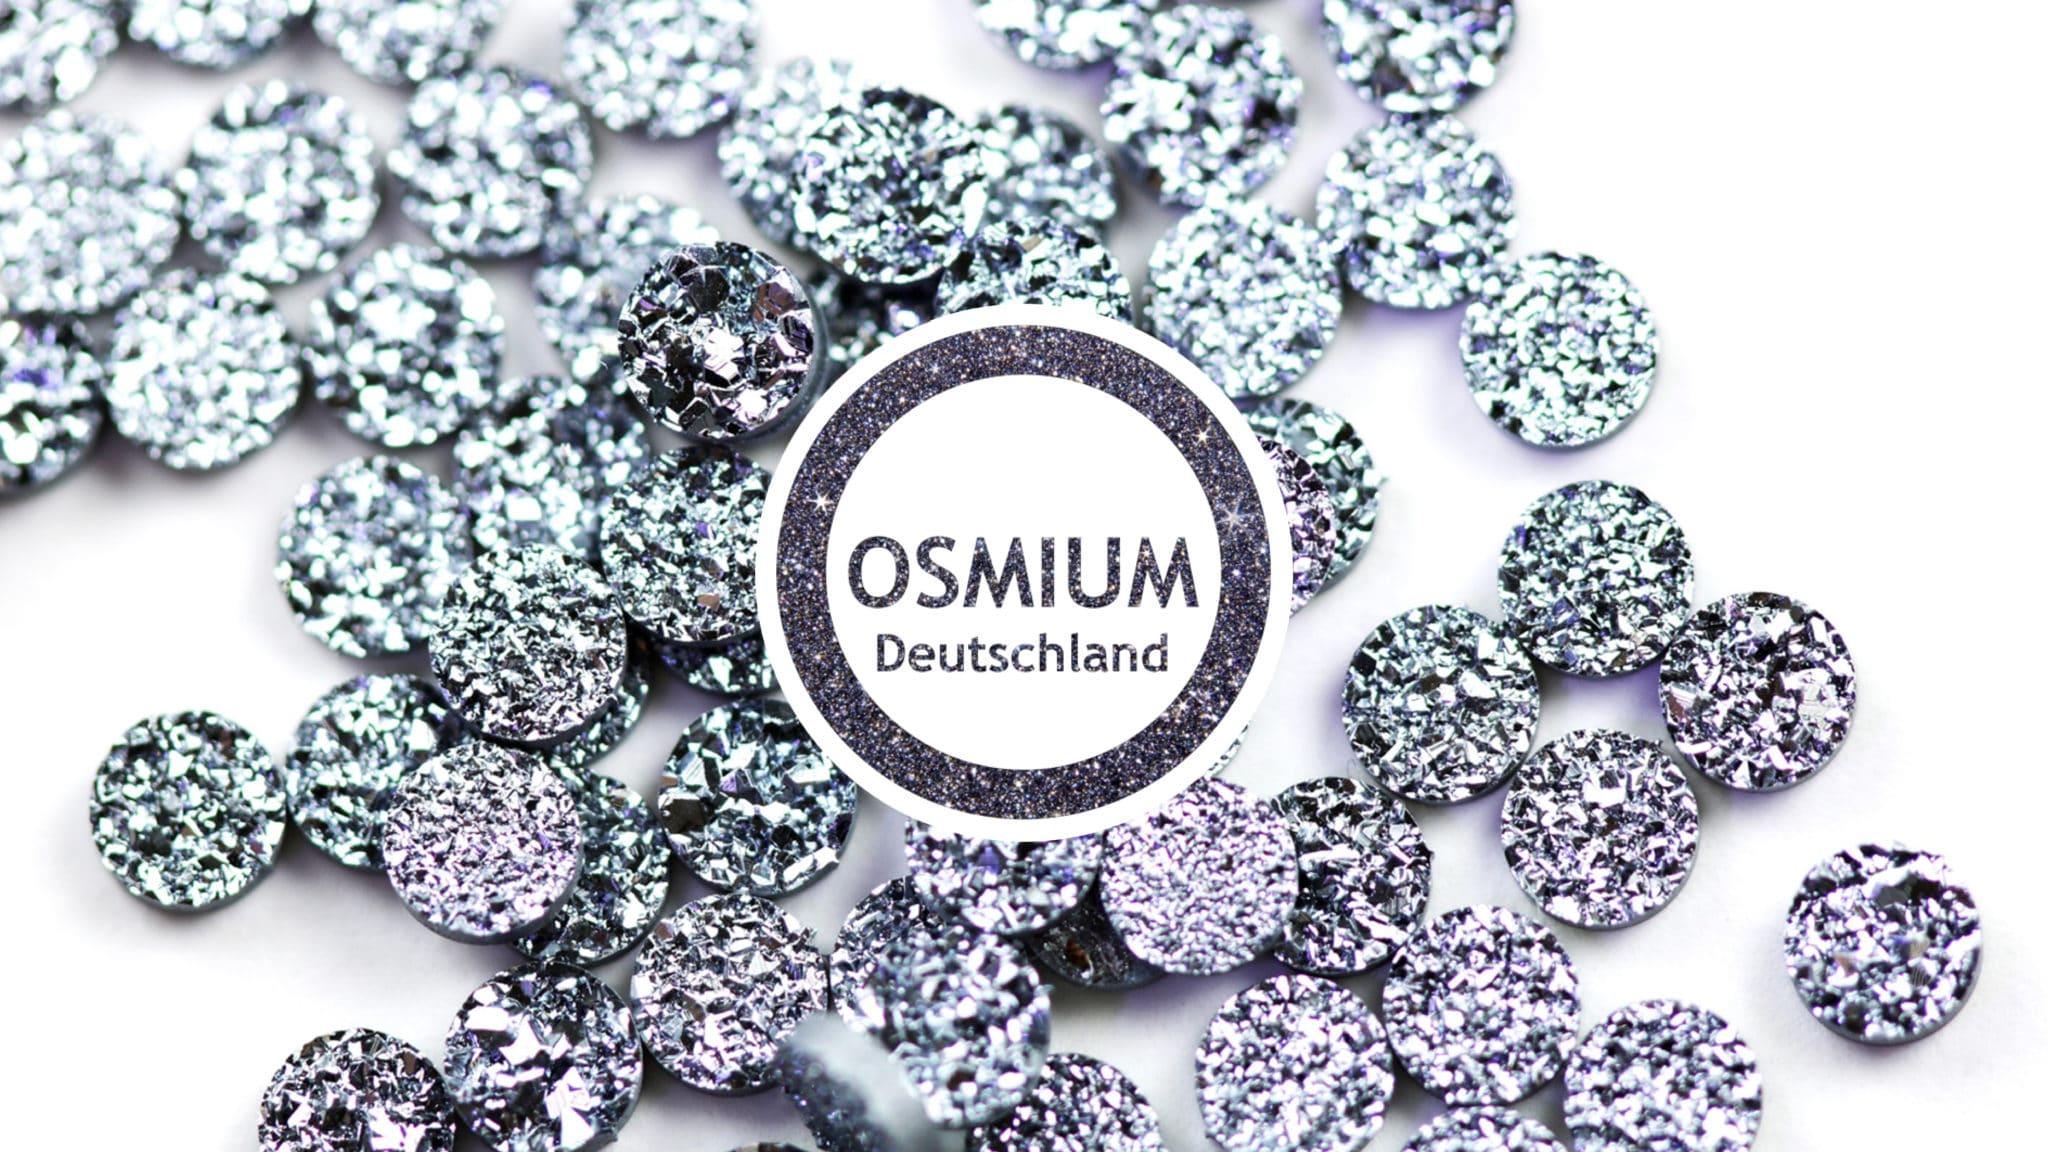 Logo von Osmium Deutschland etwas verkleinert auf buntem Hintergrund